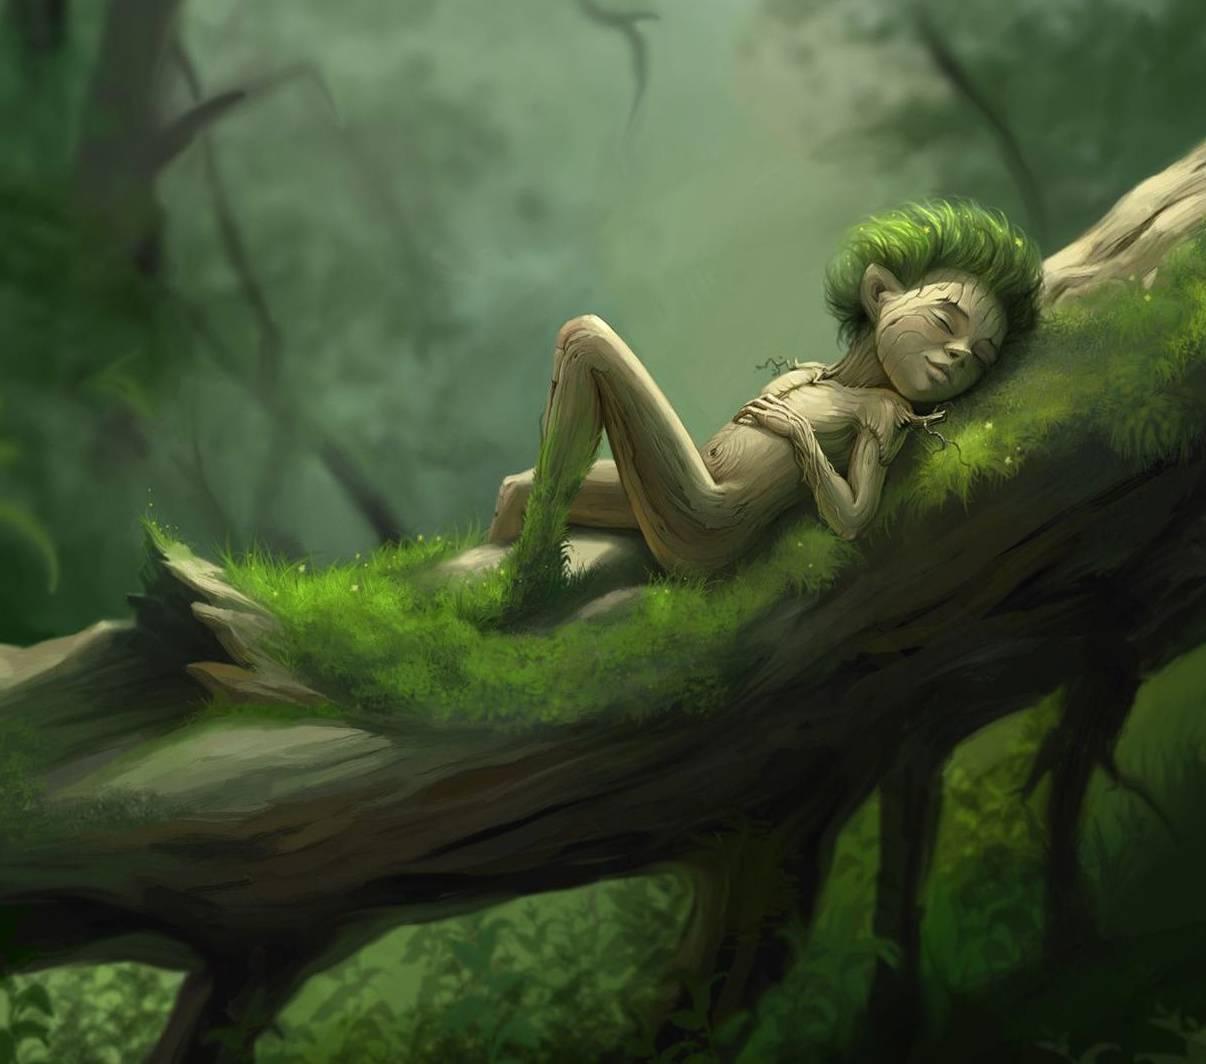 wooden creature